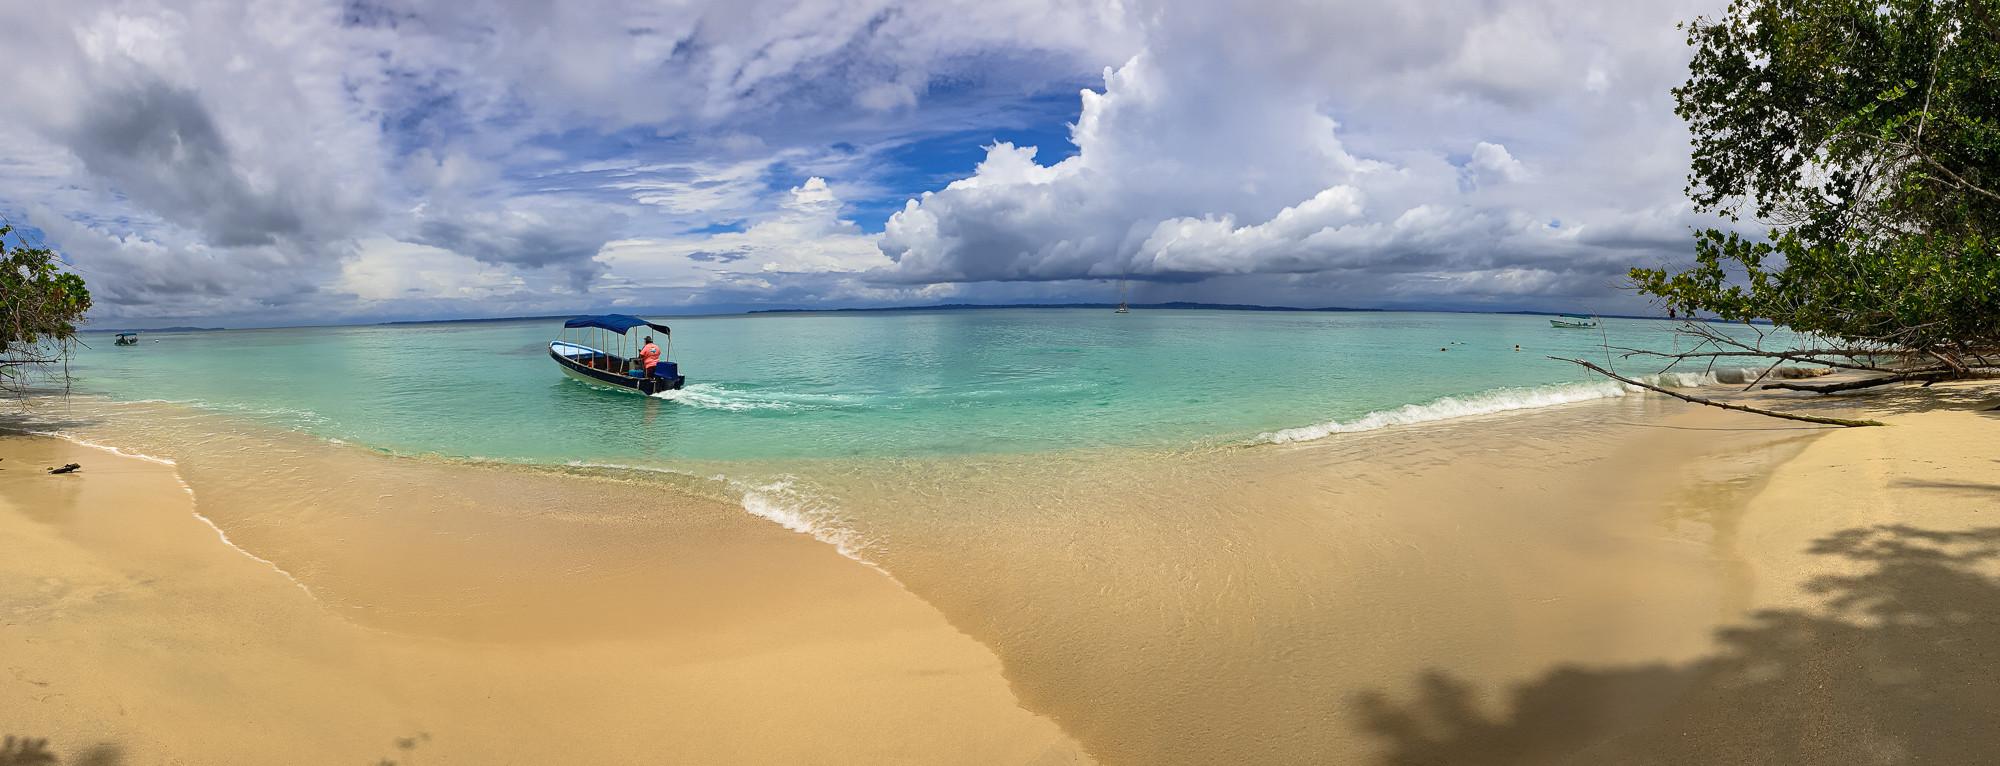 Traumstrand Bocas del Toro